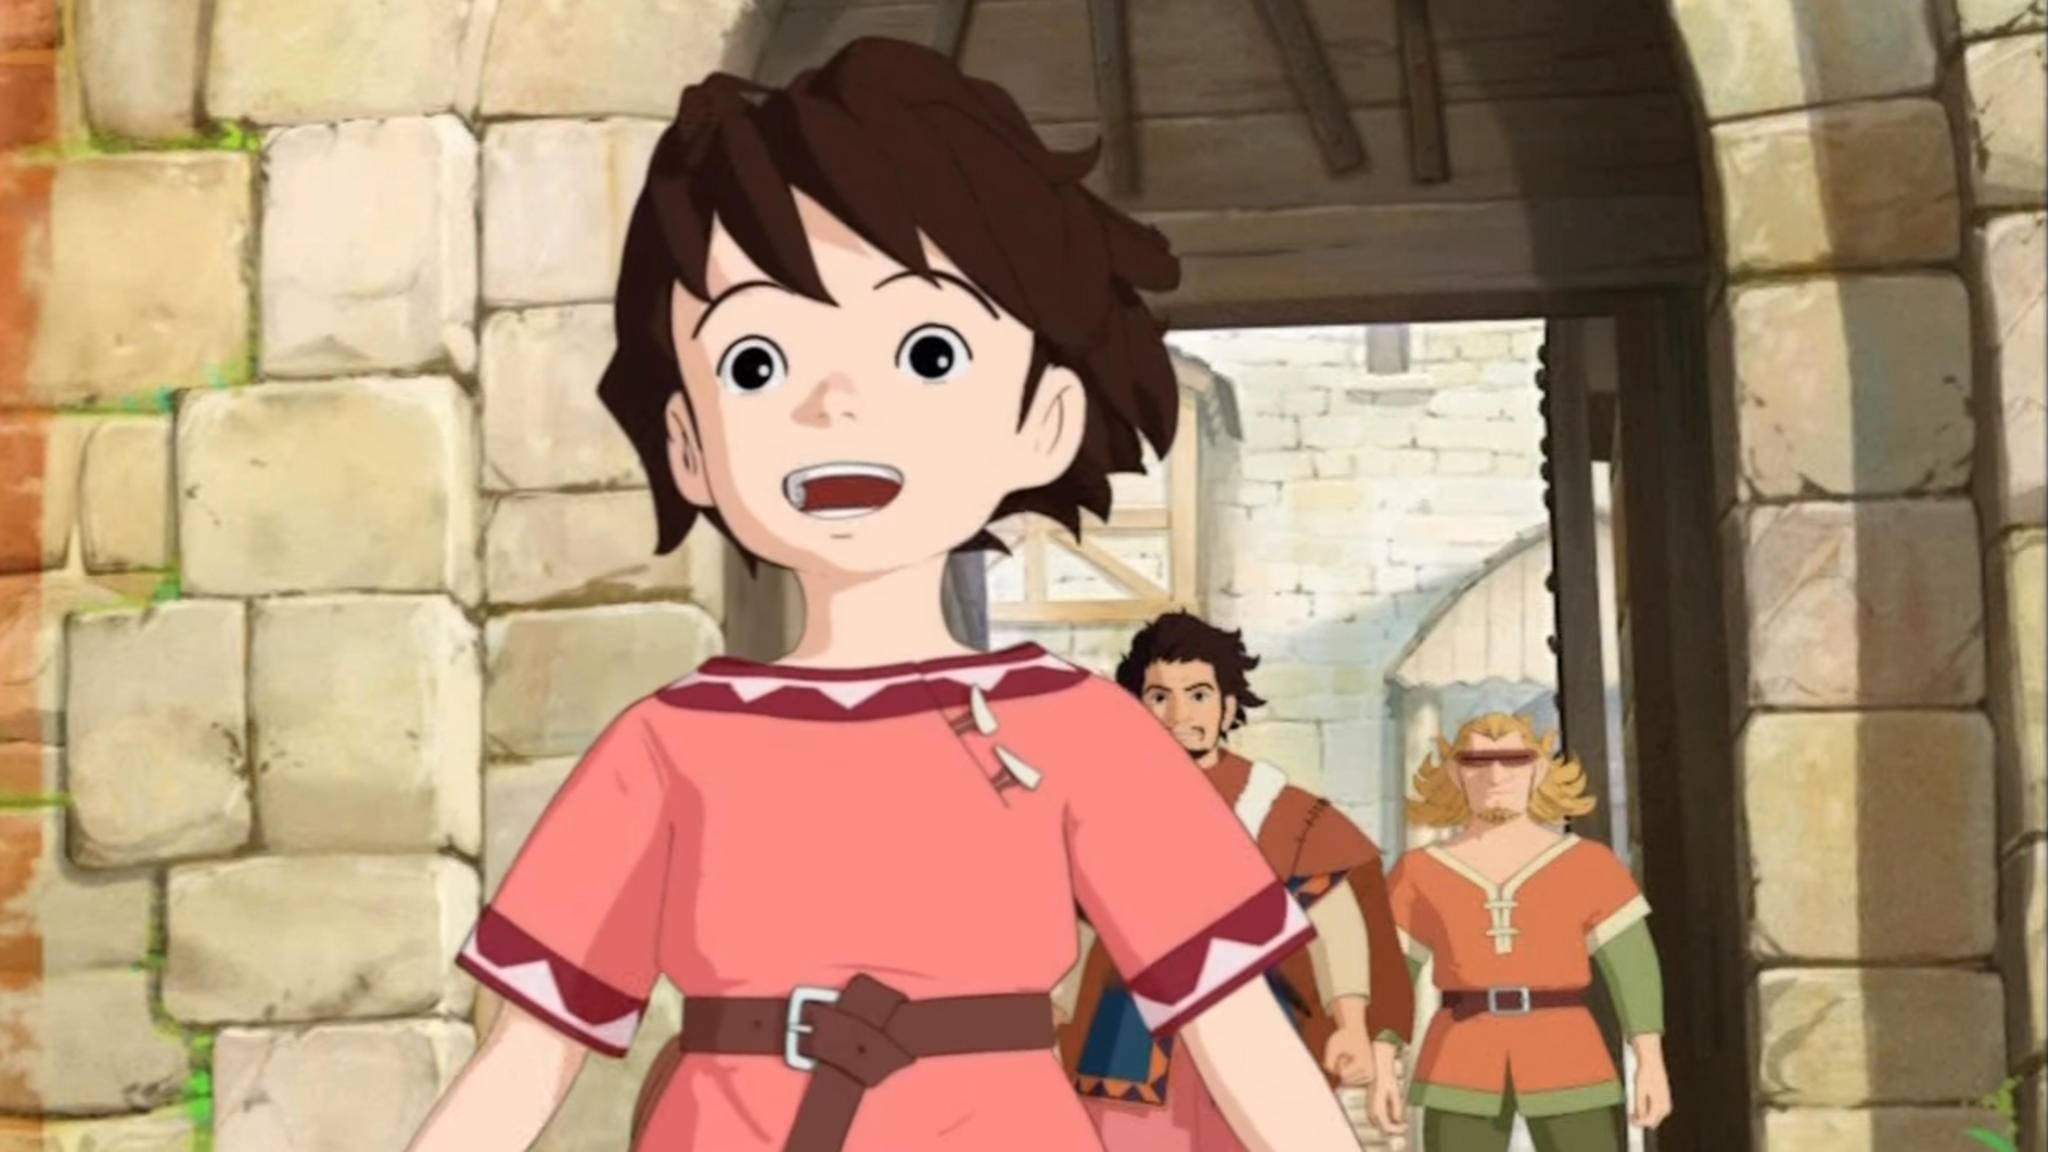 So sieht Ronja Räubertochter in der Anime-Version von Studio Ghibli aus.